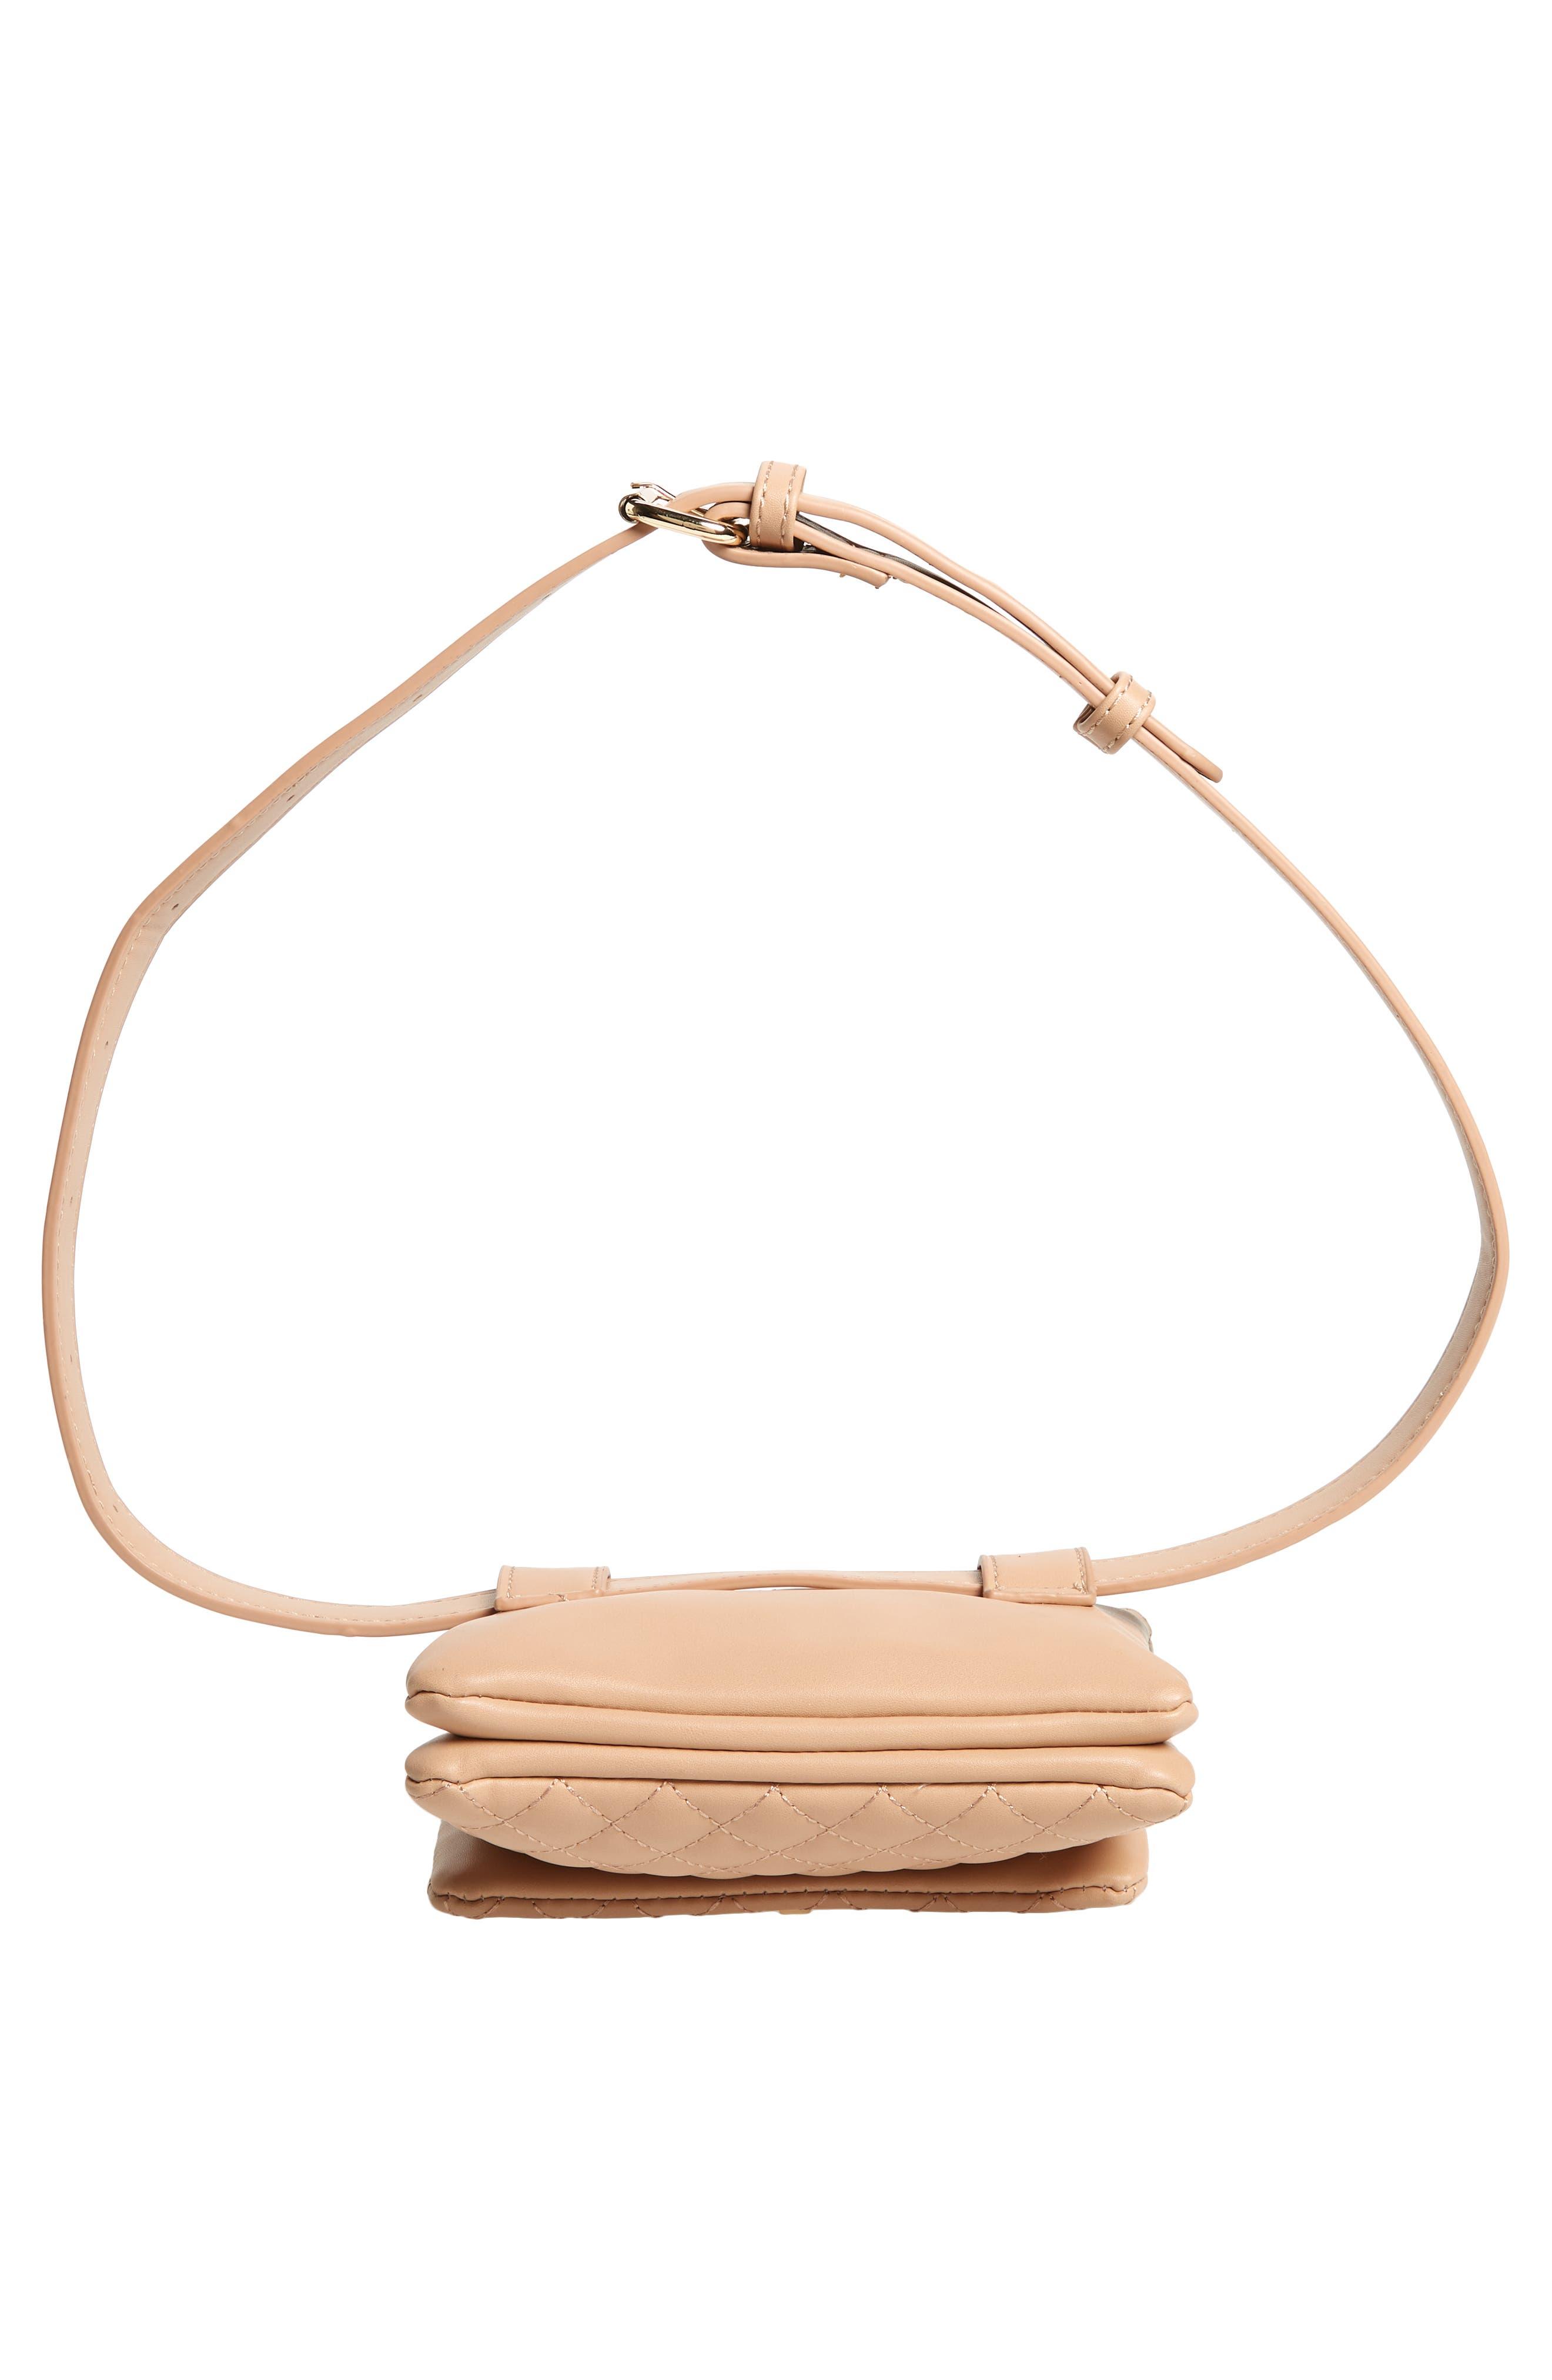 Mali + Lili Quilted Vegan Leather Belt Bag,                             Alternate thumbnail 8, color,                             CAMEL